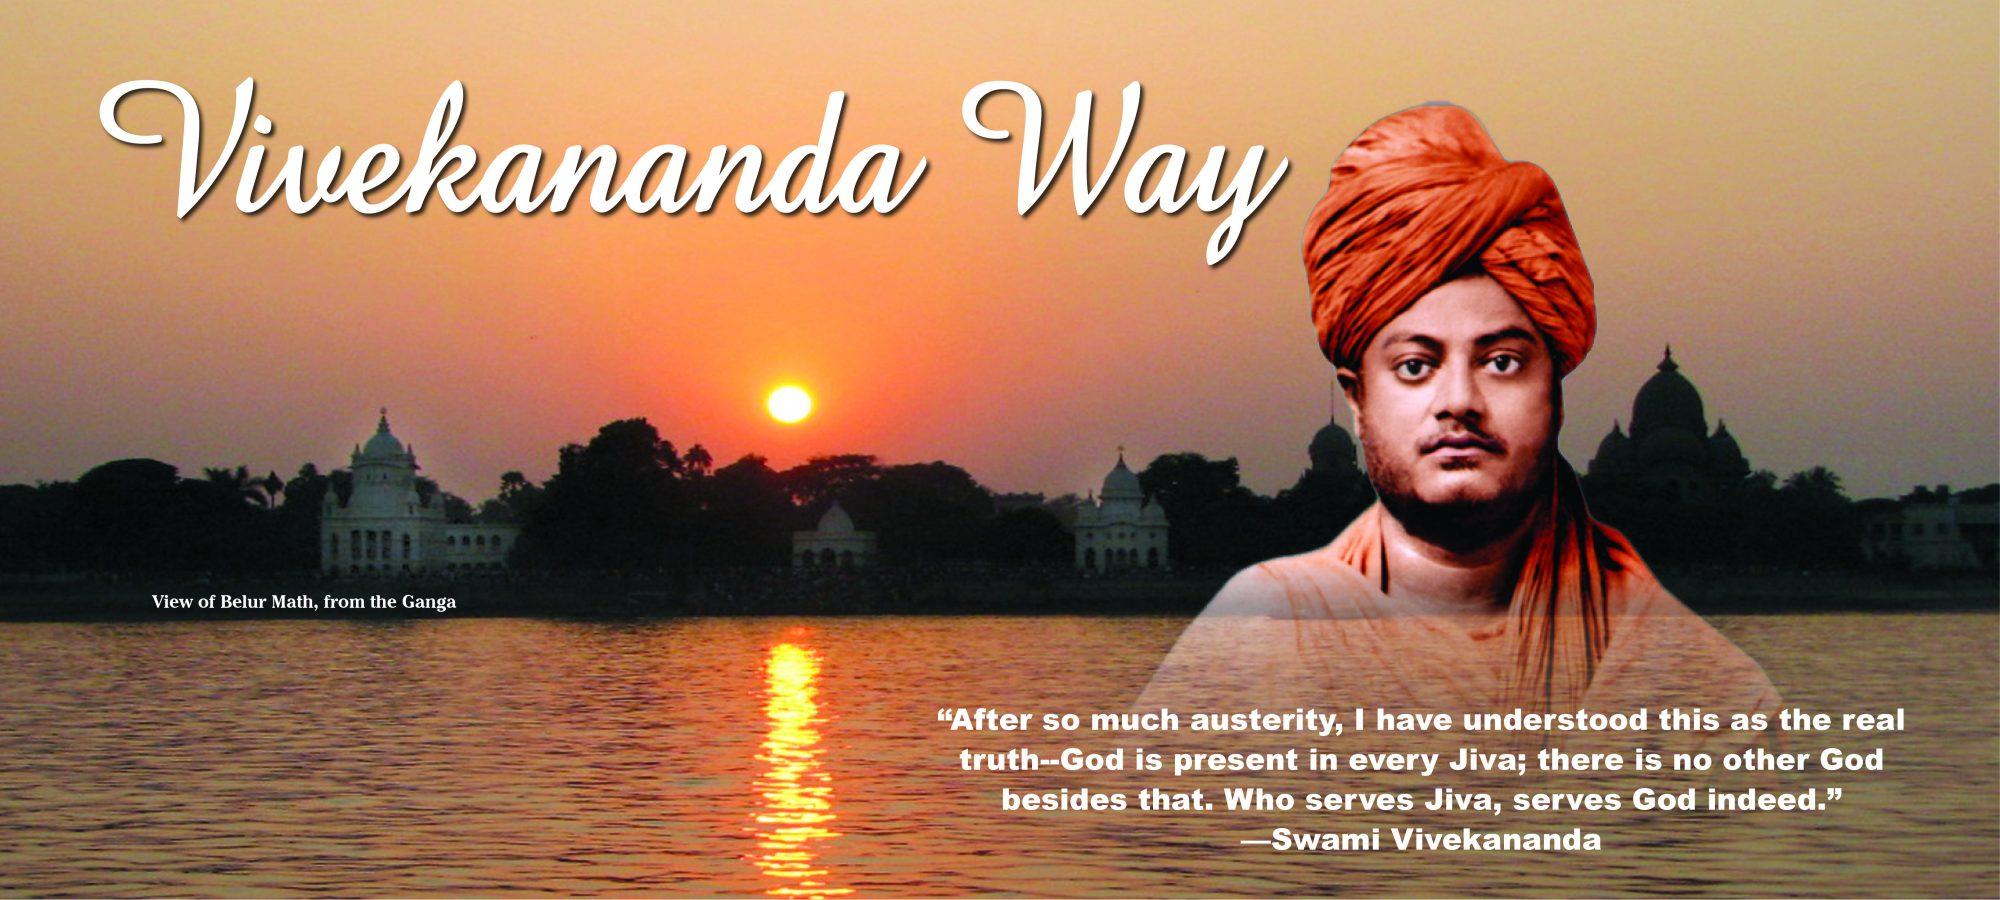 Vivekananda Way